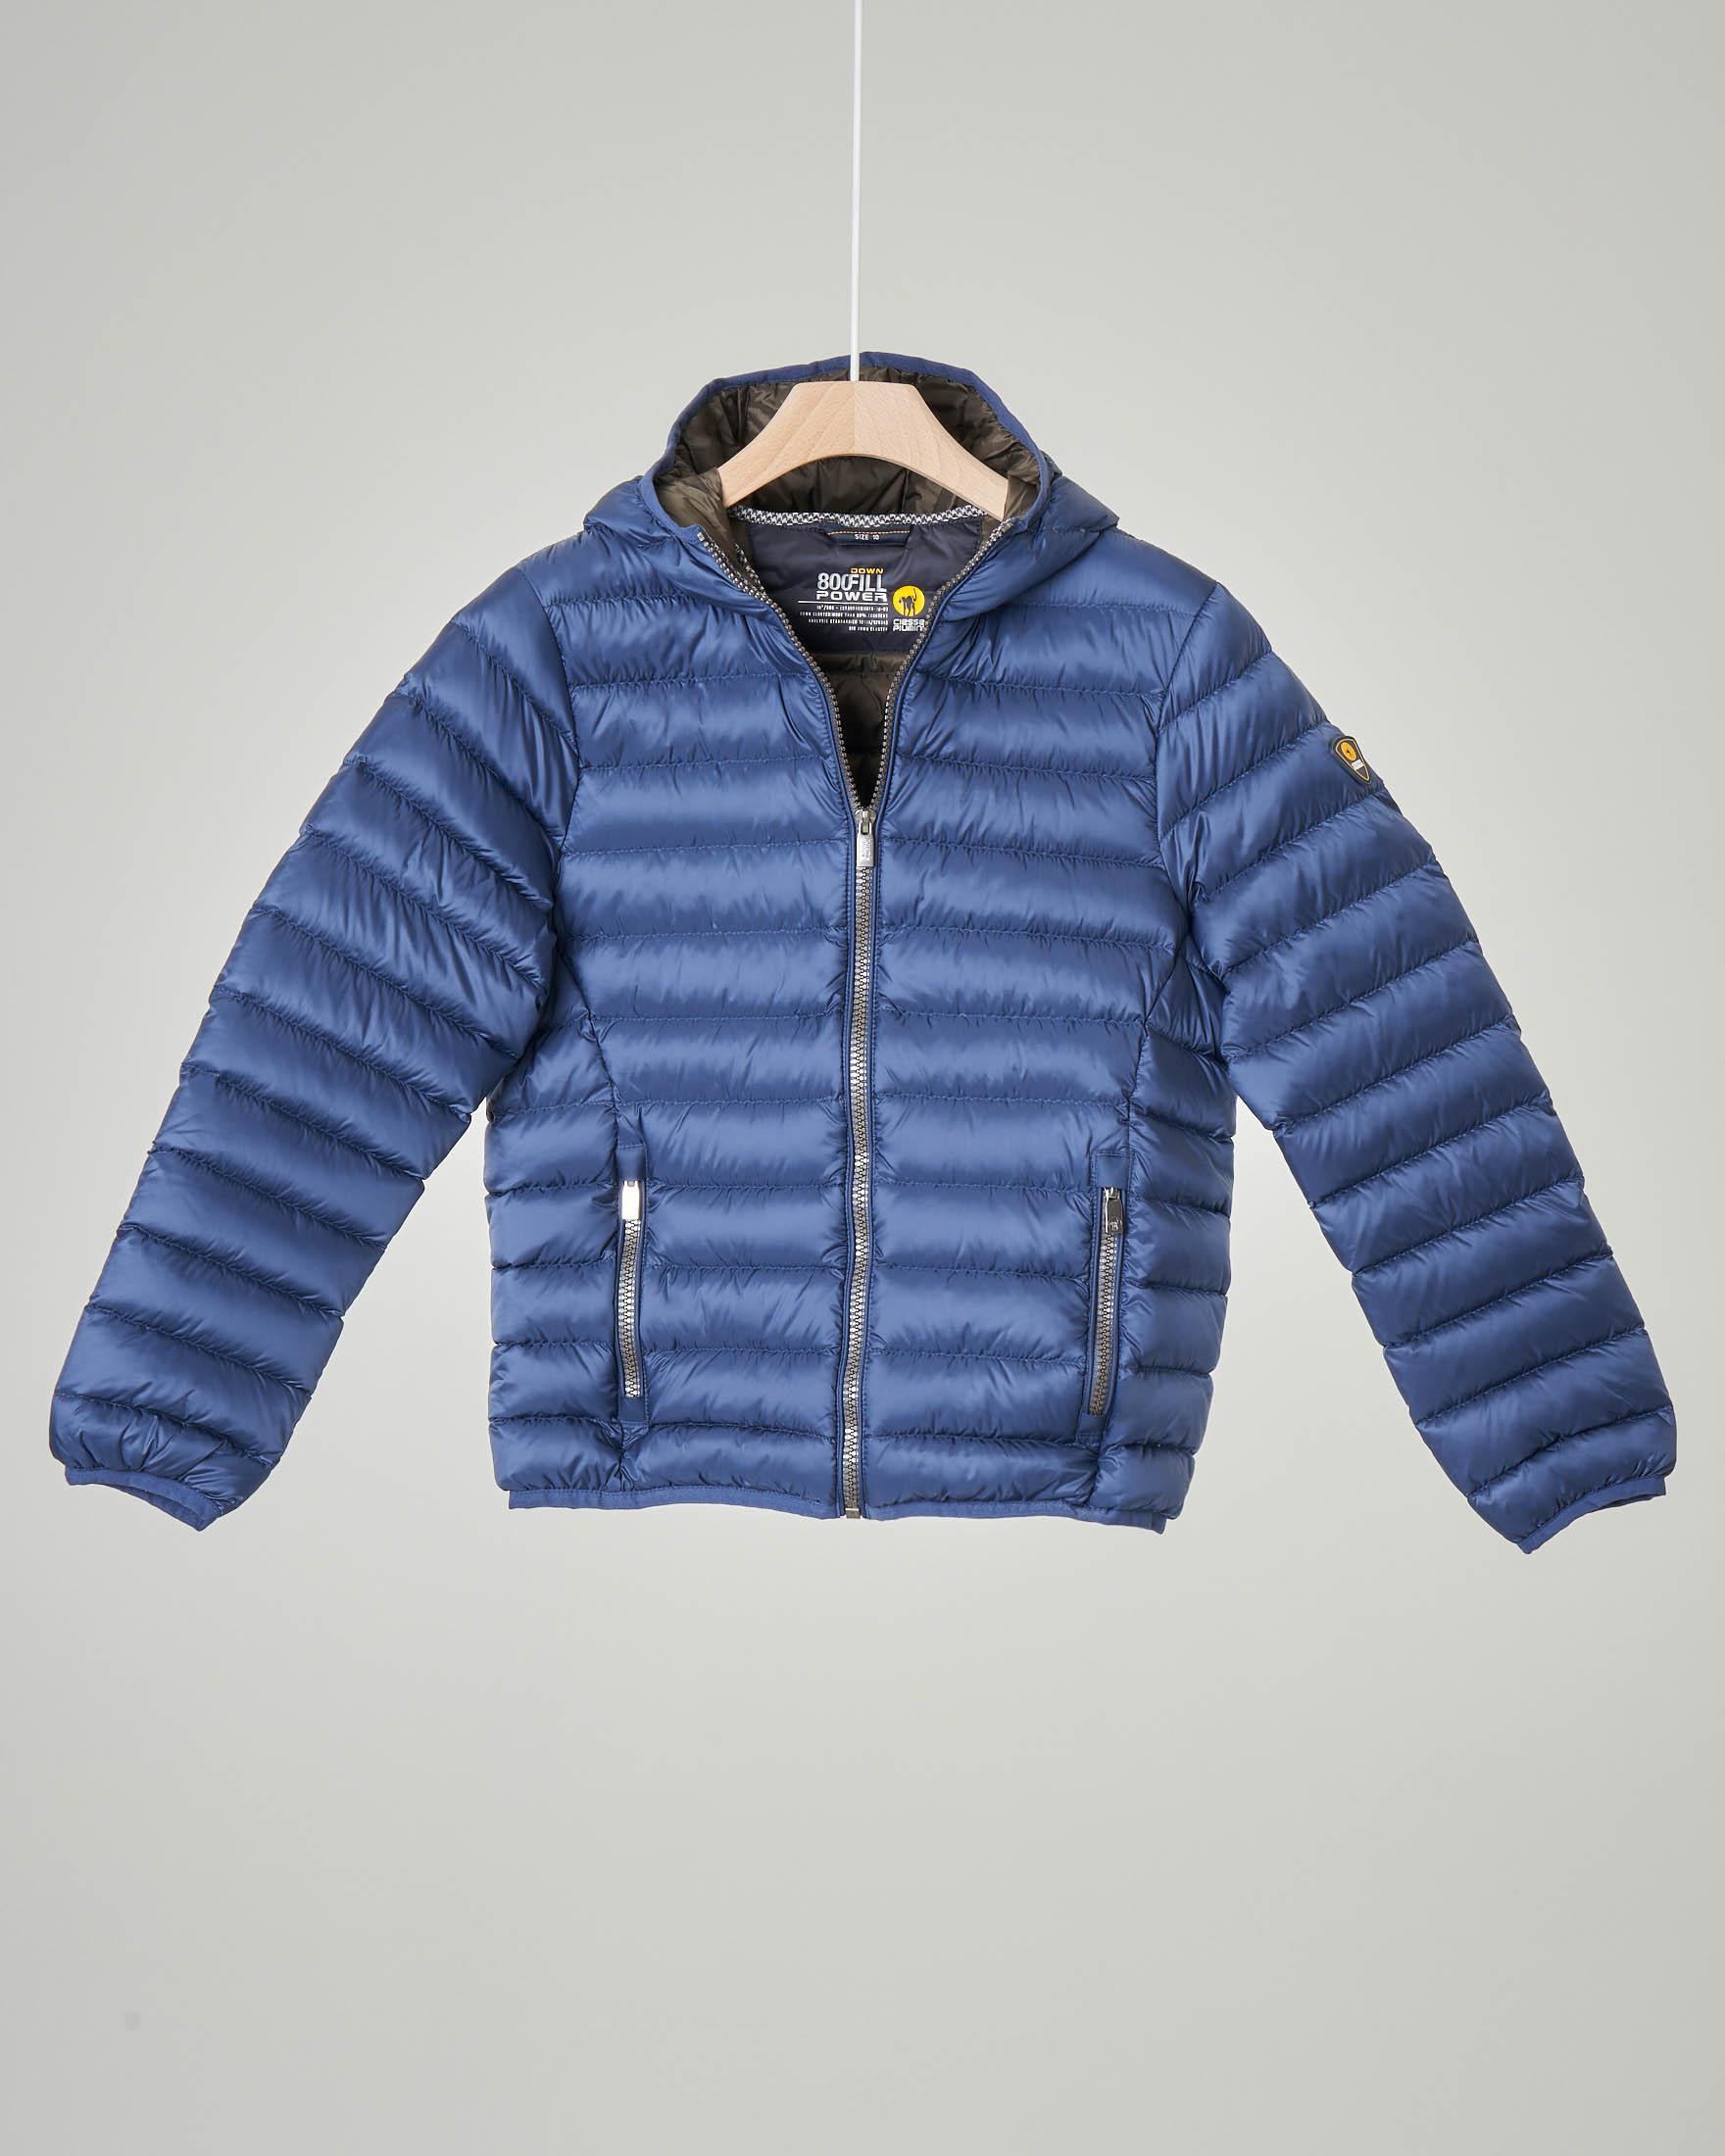 Piumino blu indigo con cappuccio 10-16 anni